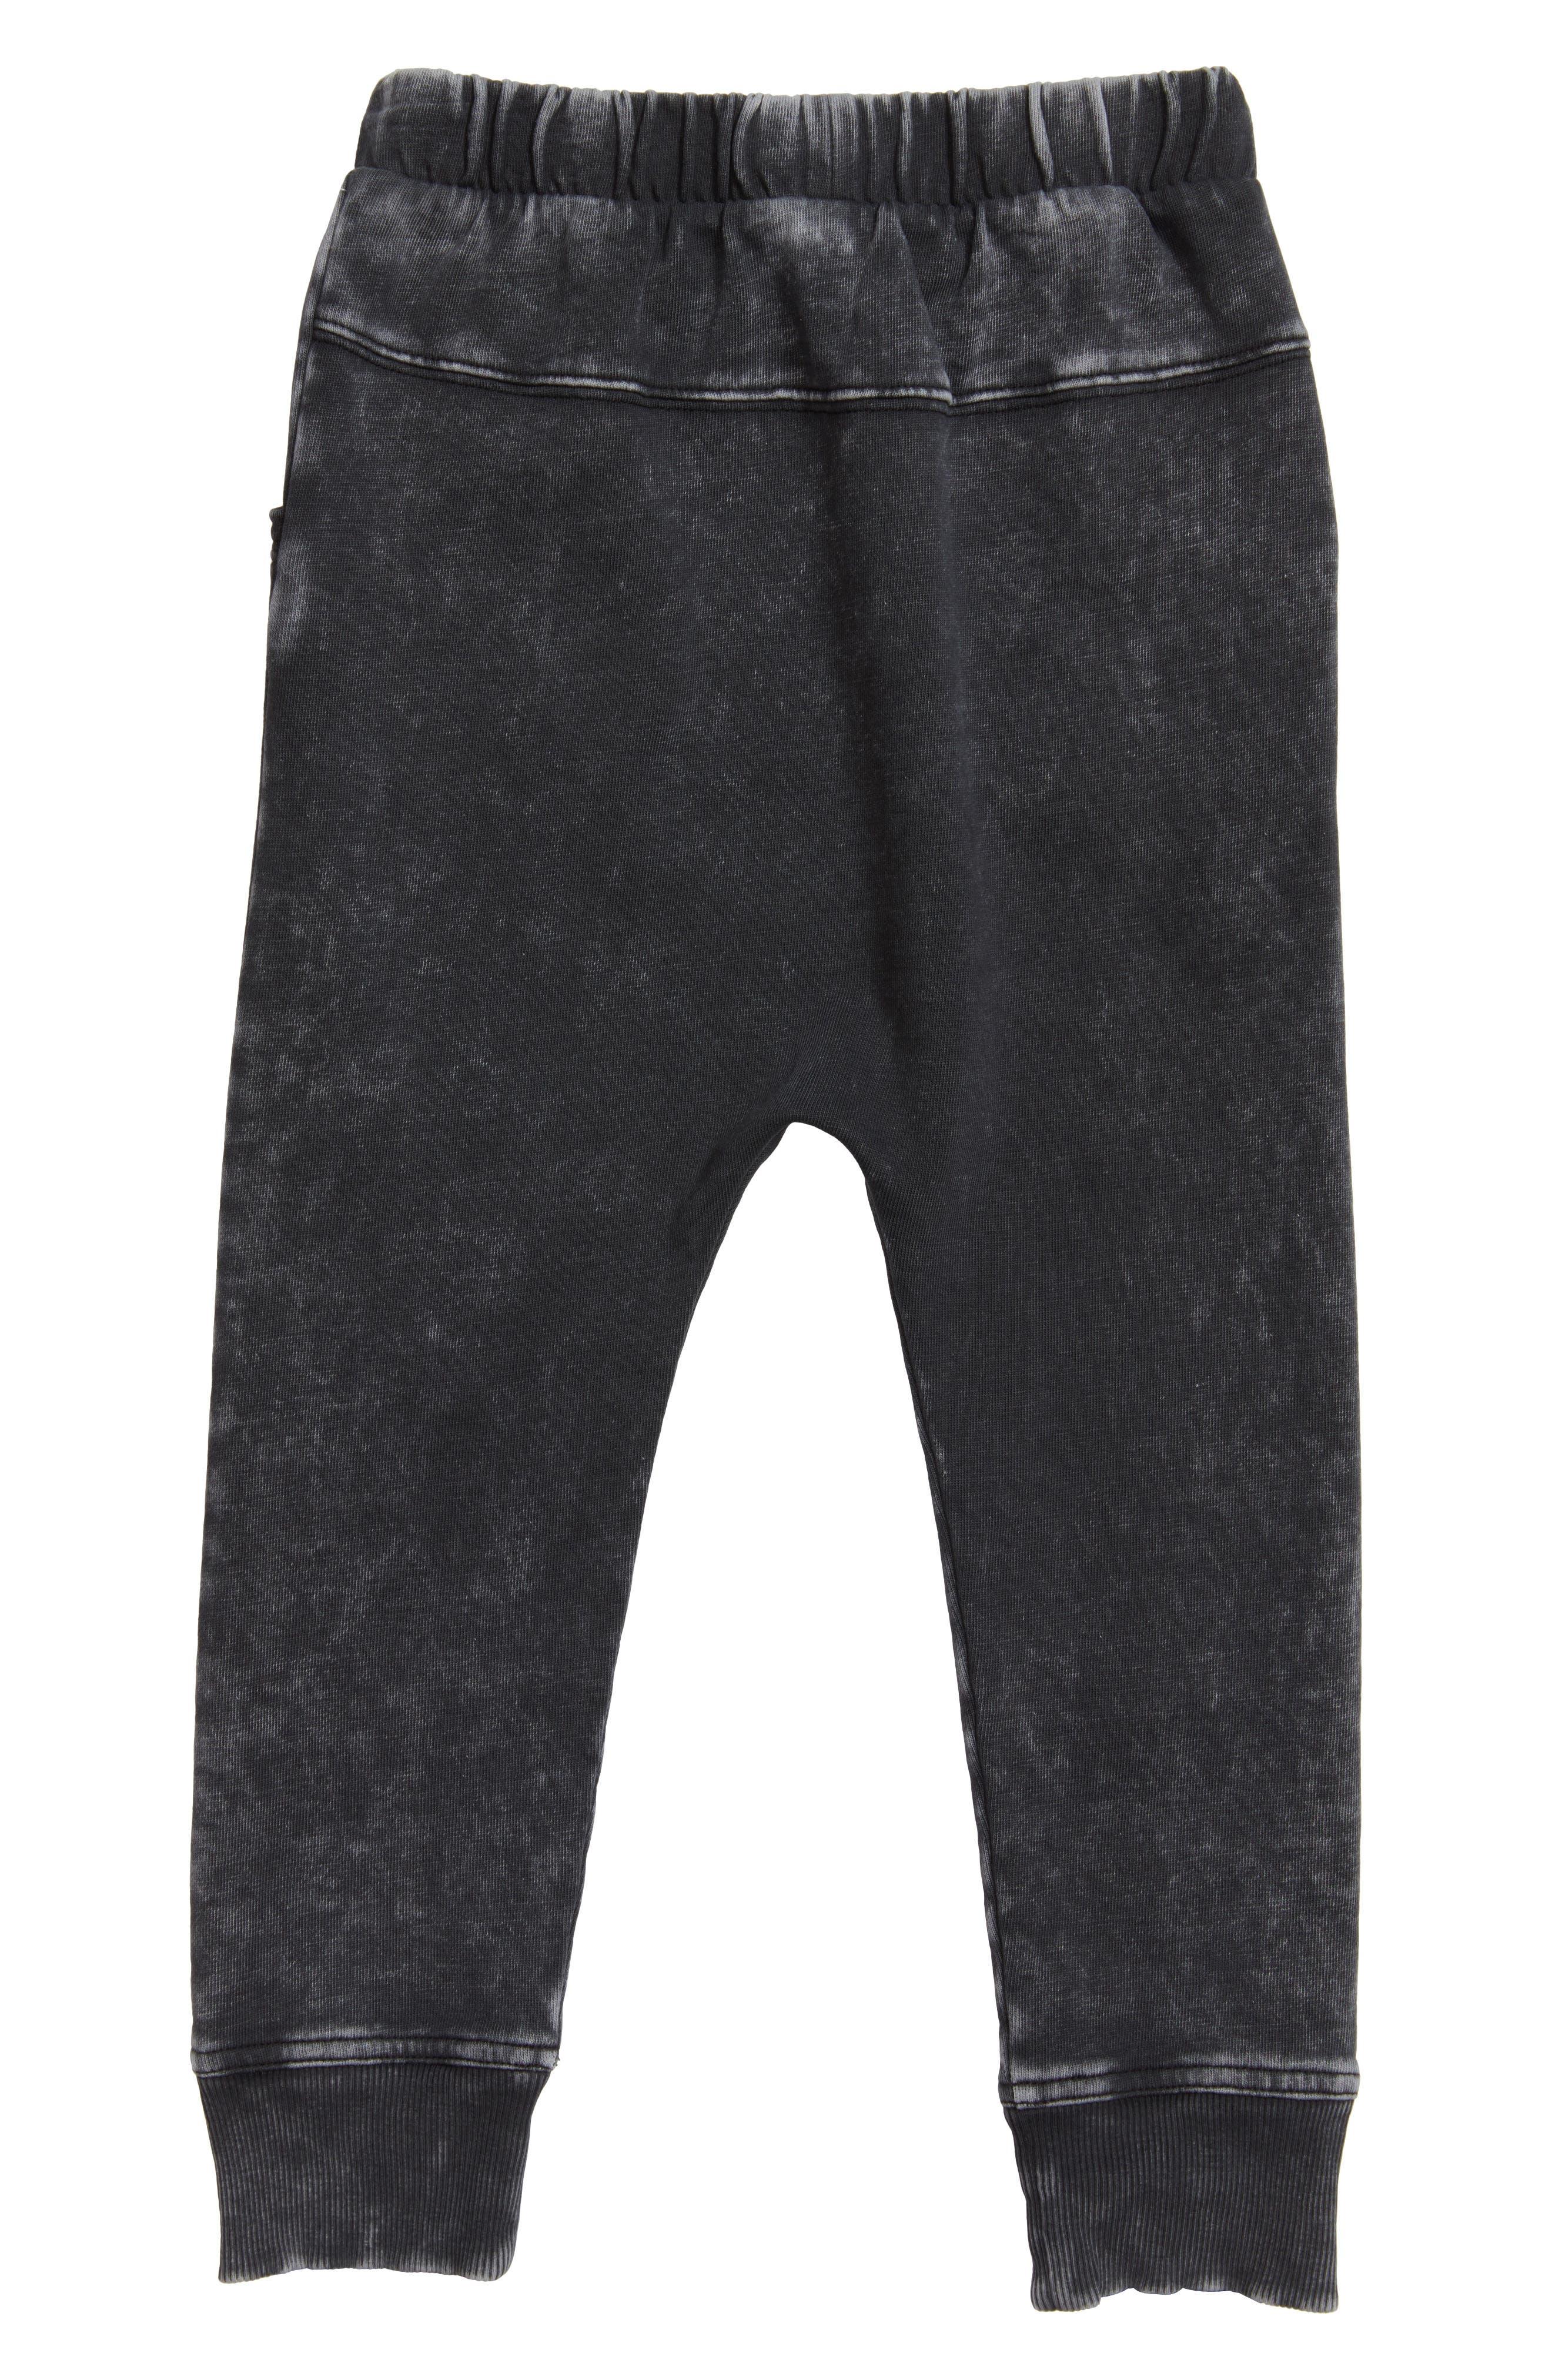 Superwash Sweatpants,                             Alternate thumbnail 2, color,                             001